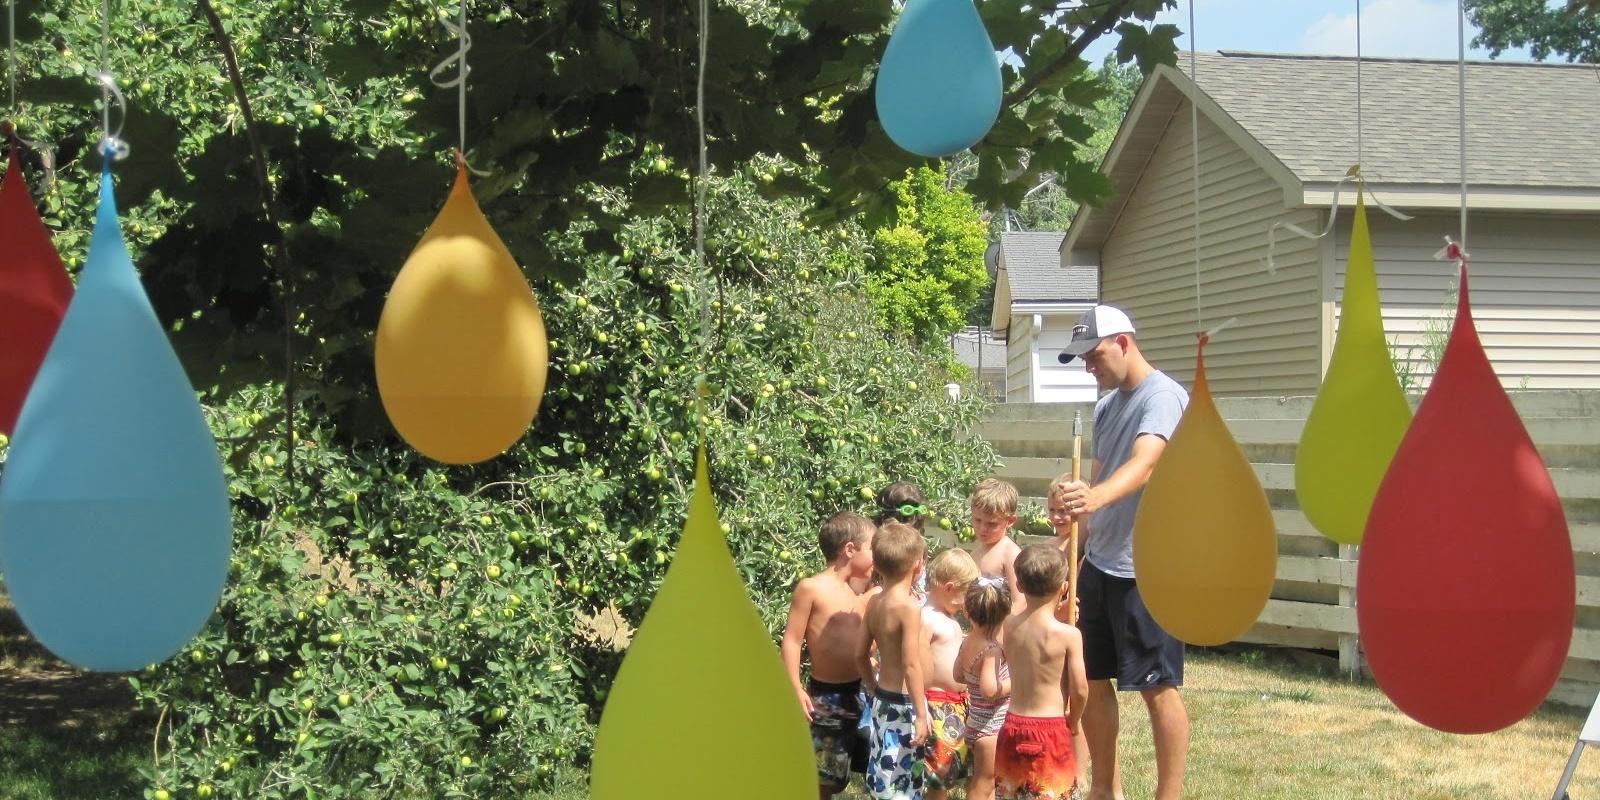 water-ballon-pinata-backyard.jpg